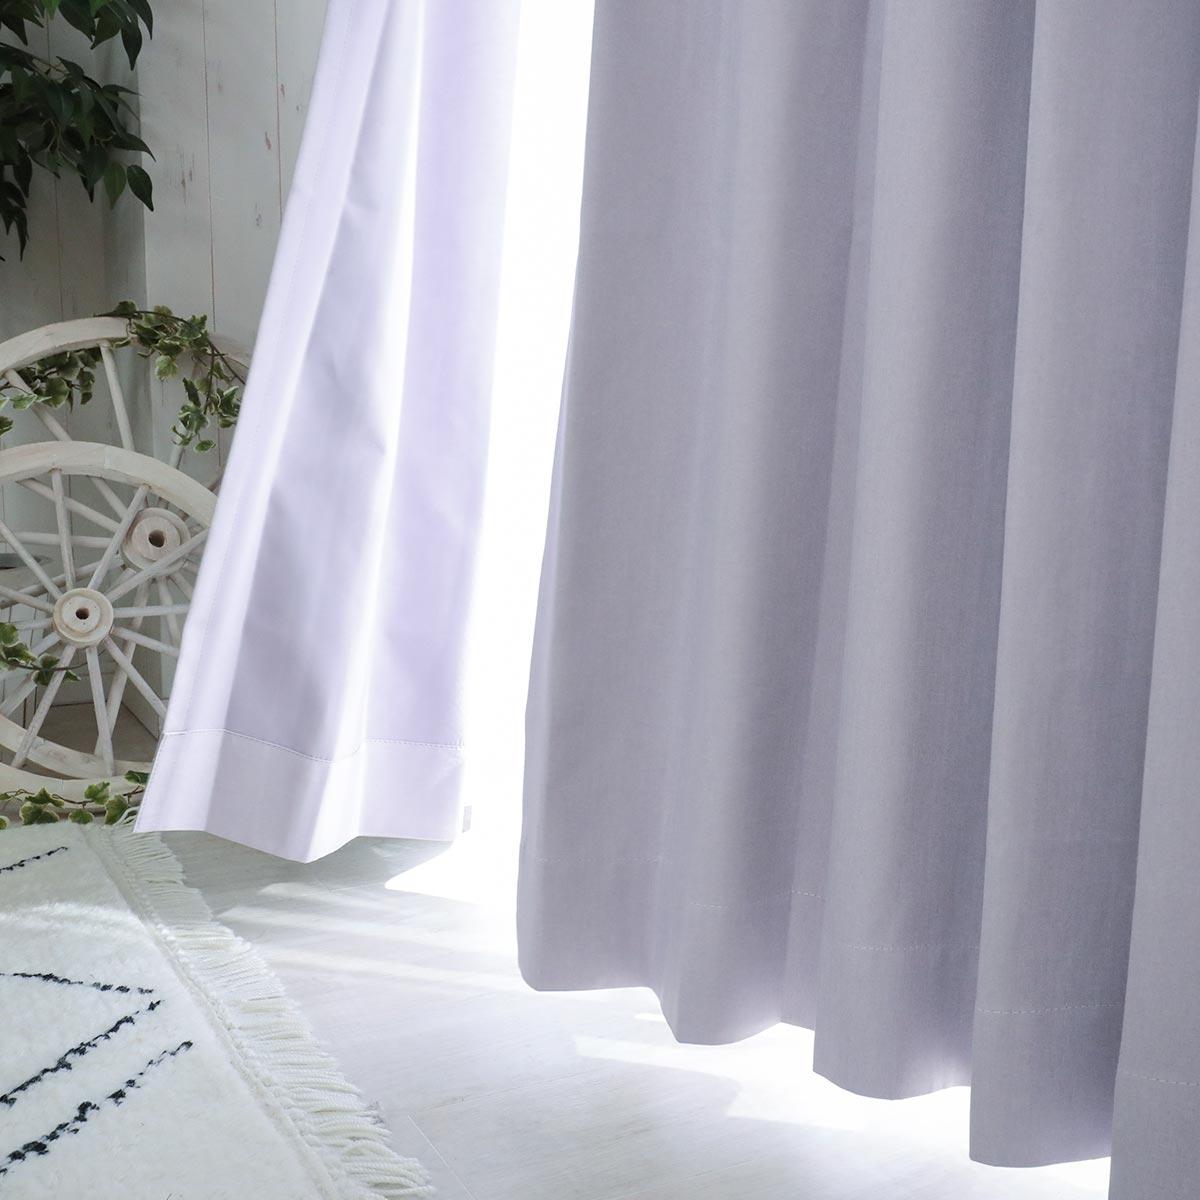 ドレープカーテン『遮光カーテン リトリート』説明画像2